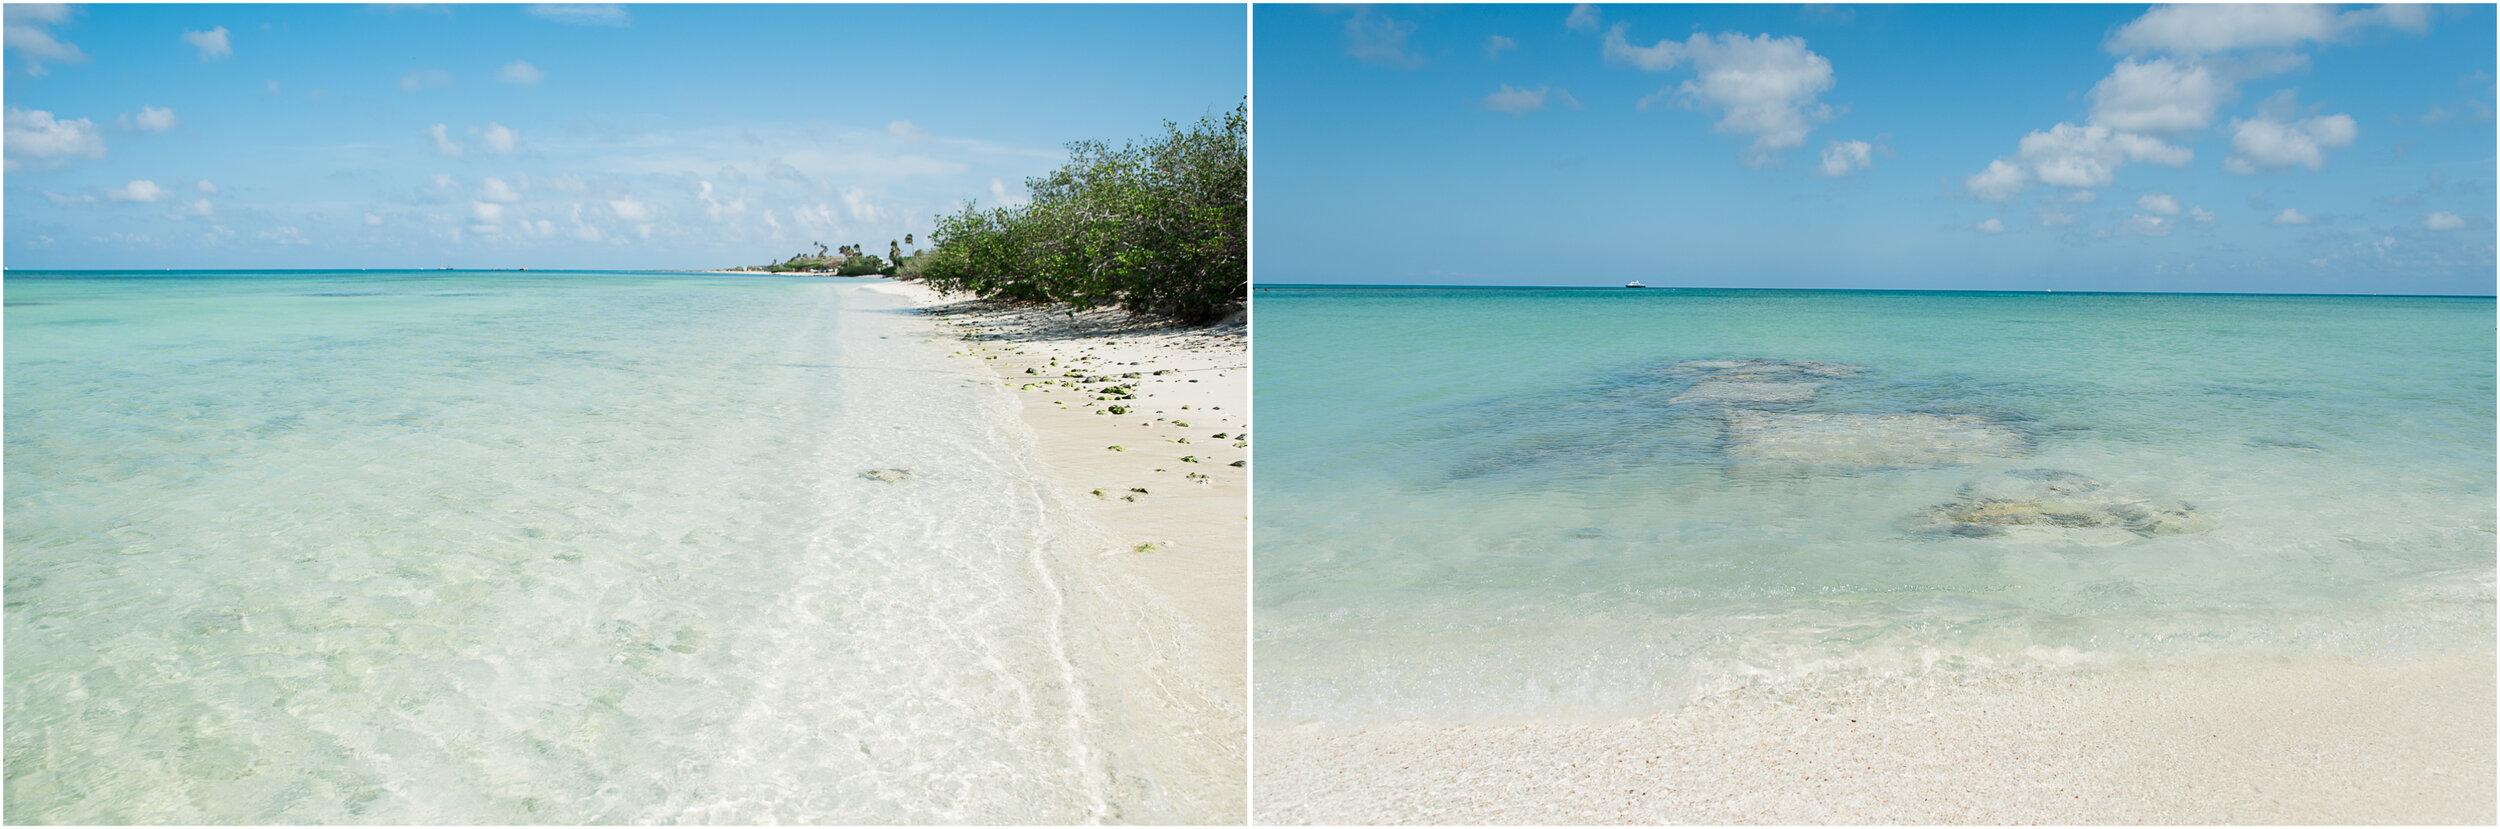 Aruba Beach water.jpg